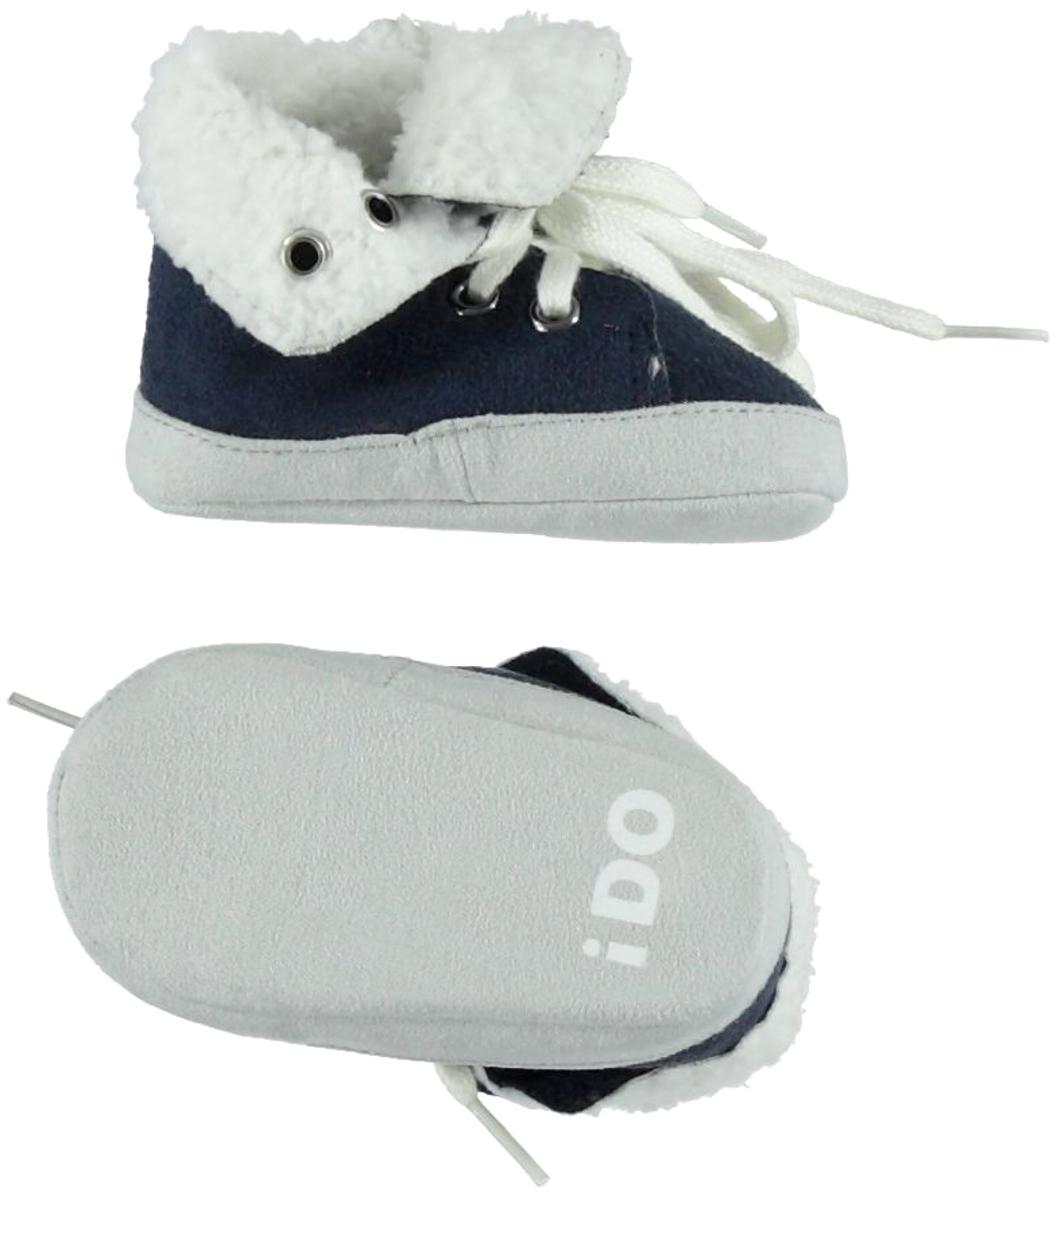 Scarpine modello sneakers in ecopelle scamosciata per neonato da 0 a 18  mesi iDO 88f6920f626